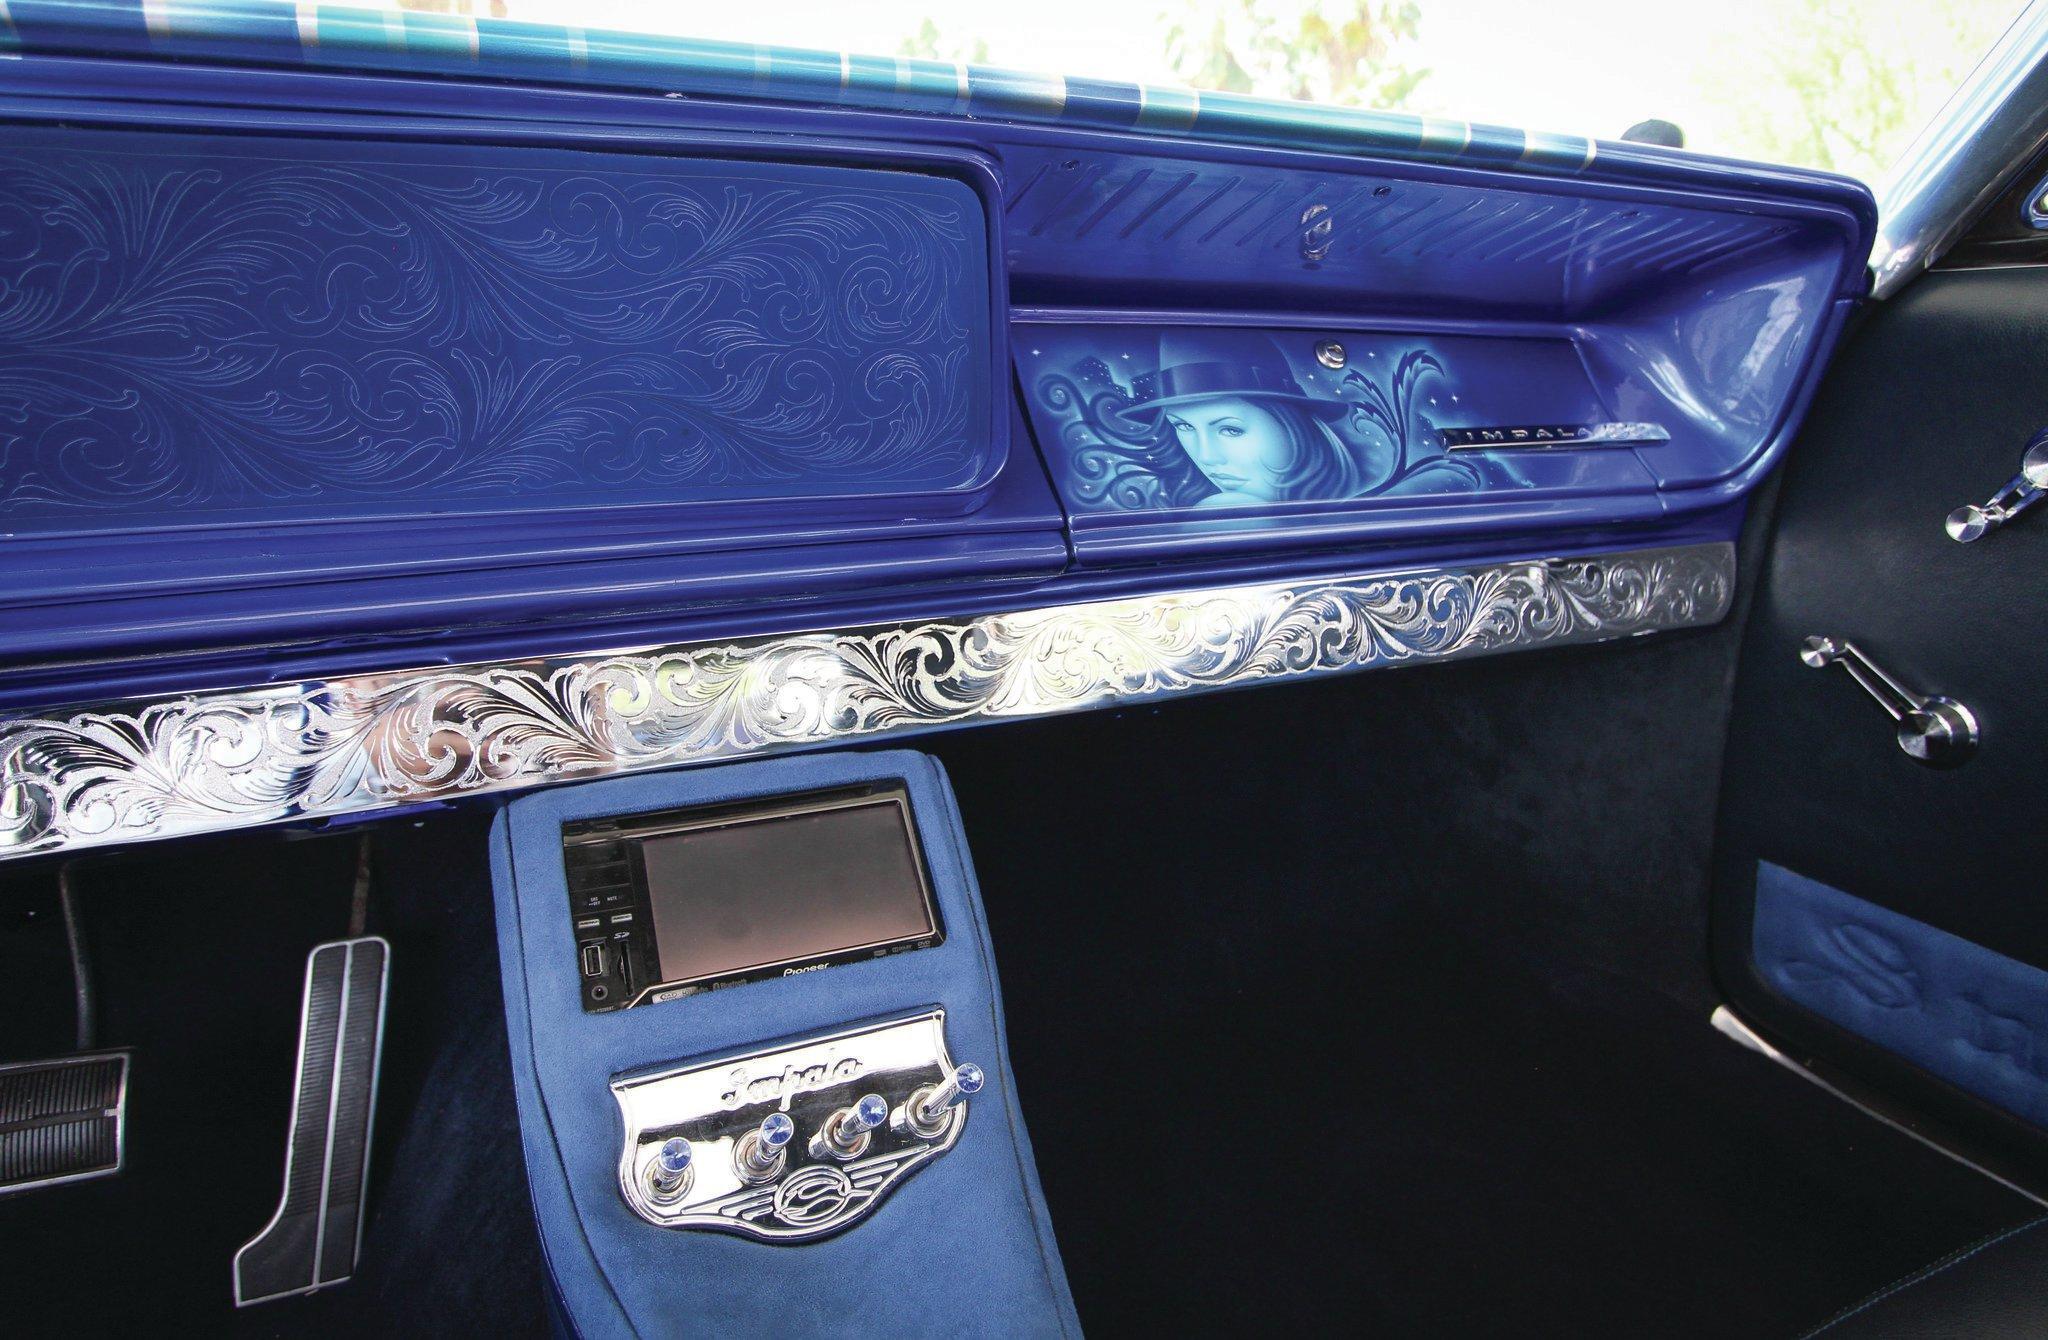 1966 Chevrolet Impala Classic Six Six